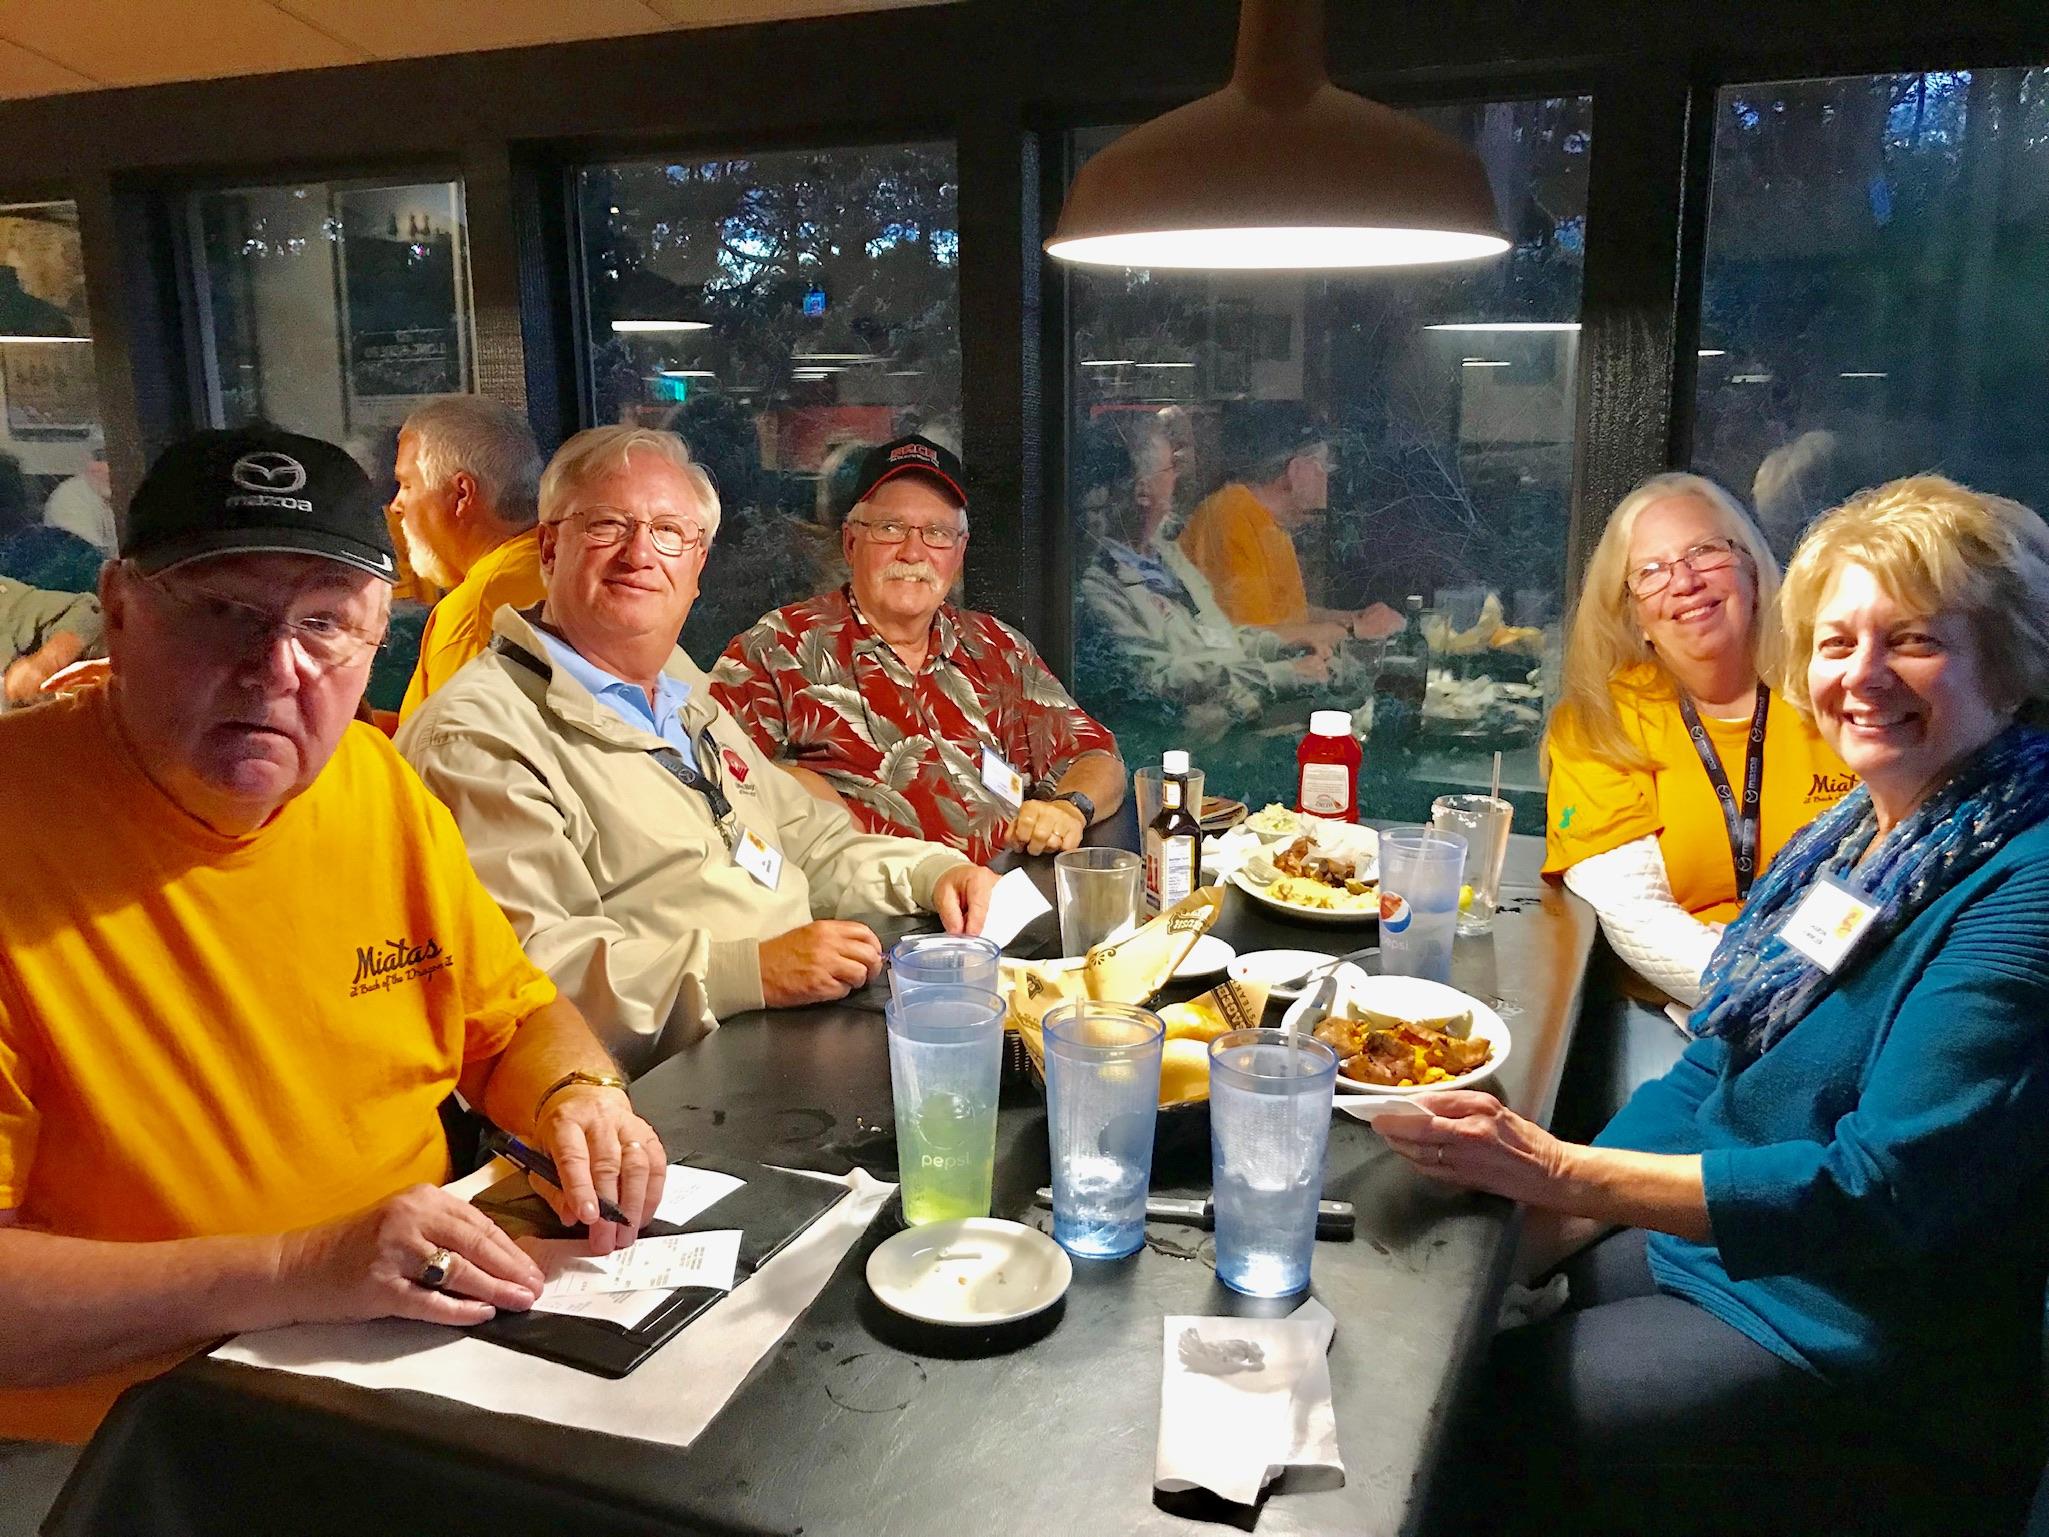 Saturday night dinner was at Sagebrush Steakhouse in Wytheville. Clockwise from left: Jim Pickett, Bill Rimmler, John Boyer, Pat Boyer, Sharon Rimmler.